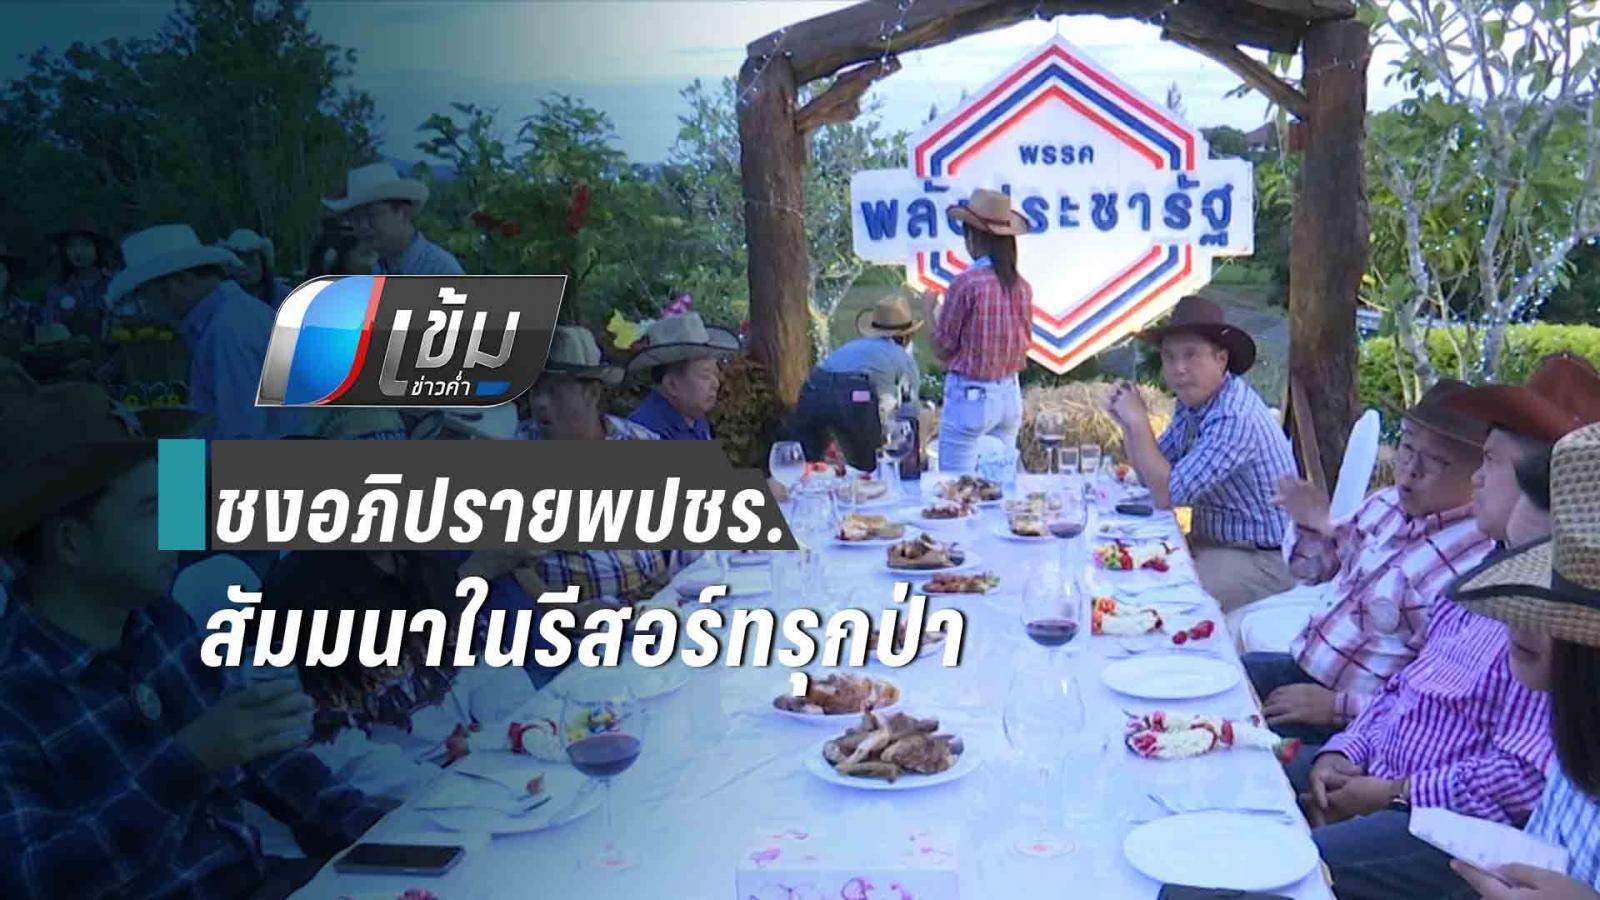 เพื่อไทย ชงอภิปรายเพิ่ม ปม พปชร. สัมมนาในรีสอร์ทรุกป่า